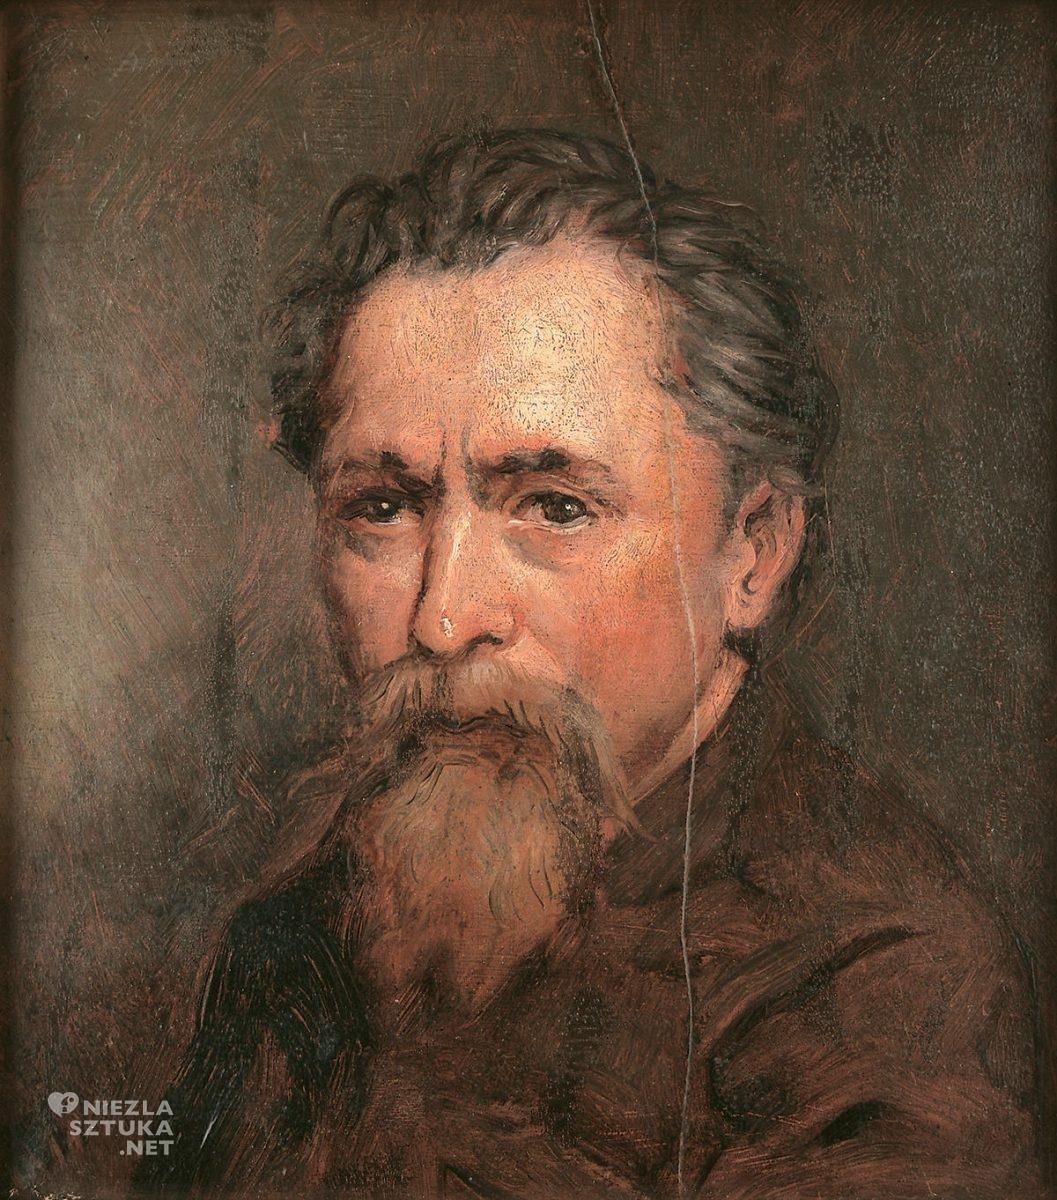 Wincenty Sleńdziński, autoportret, niezła sztuka